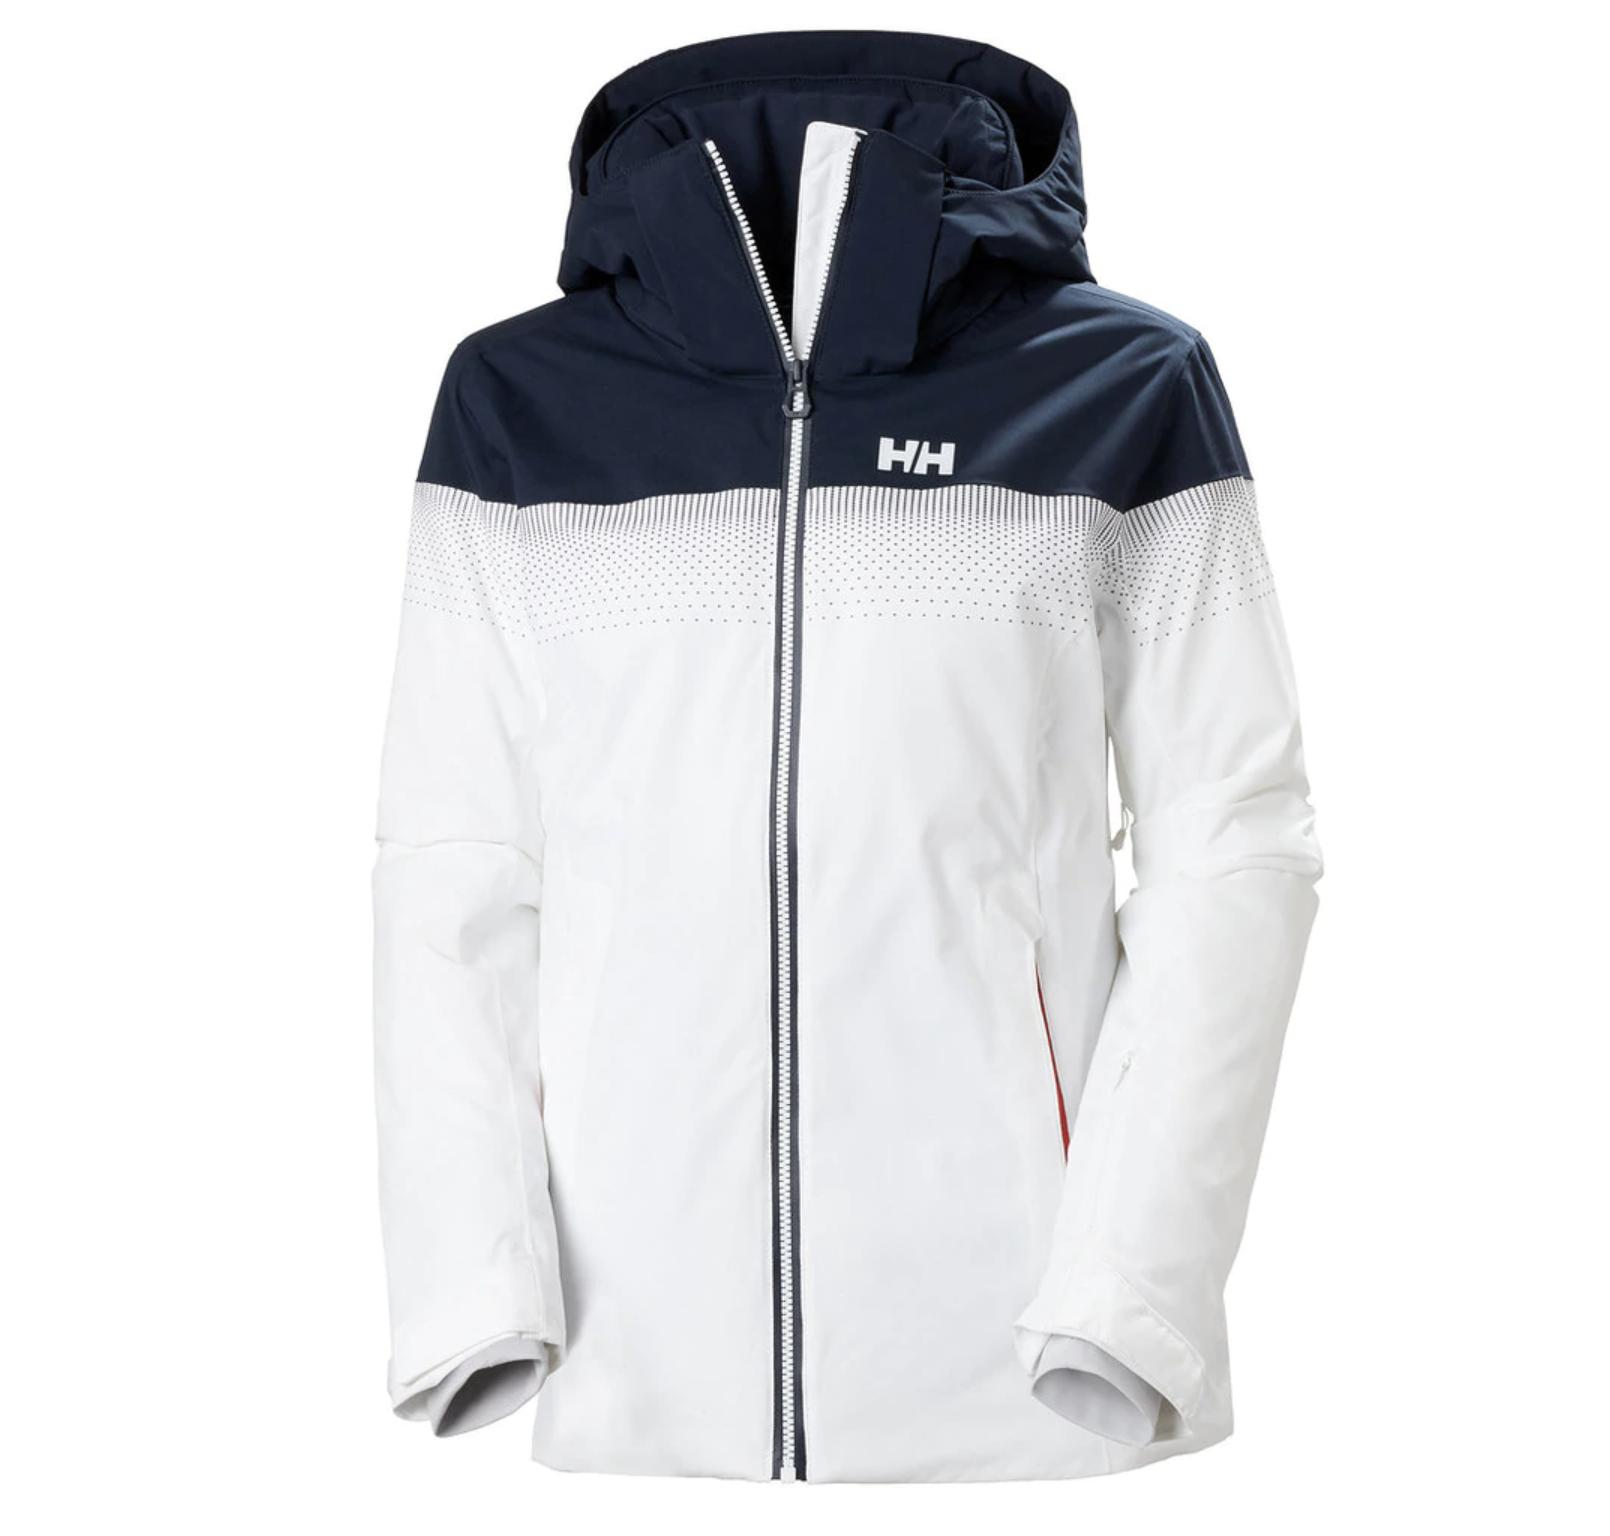 Chaqueta de esquí de mujer W Motionista Lifaloft Jacket Helly Hansen